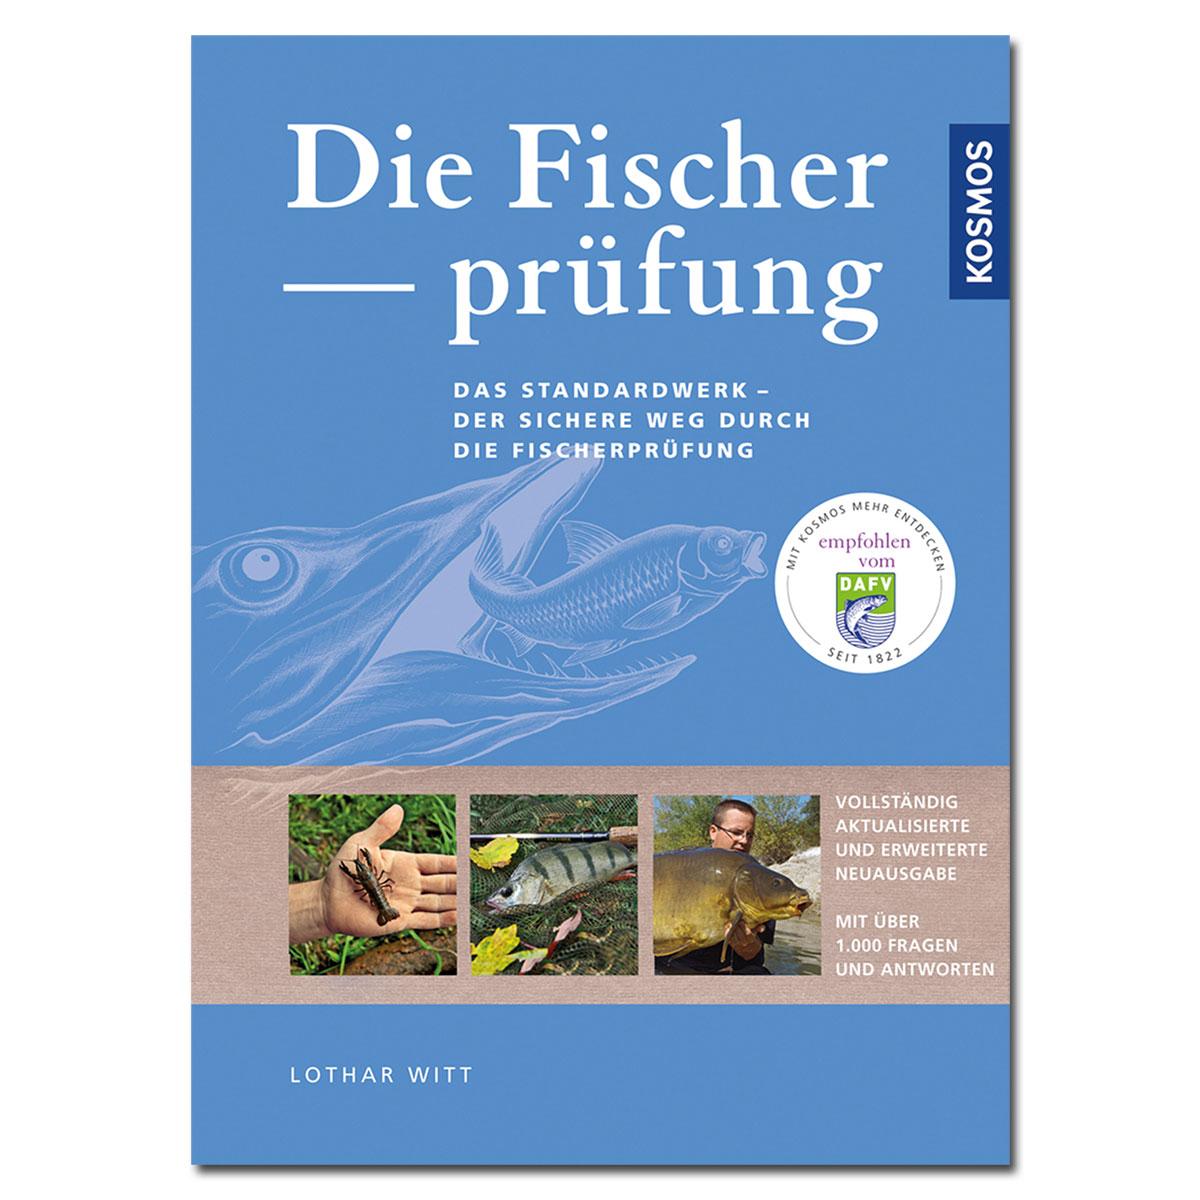 Die Fischerprüfung - Das Standardwerk - Der sichere Weg durch die Fischerprüfung im Pareyshop